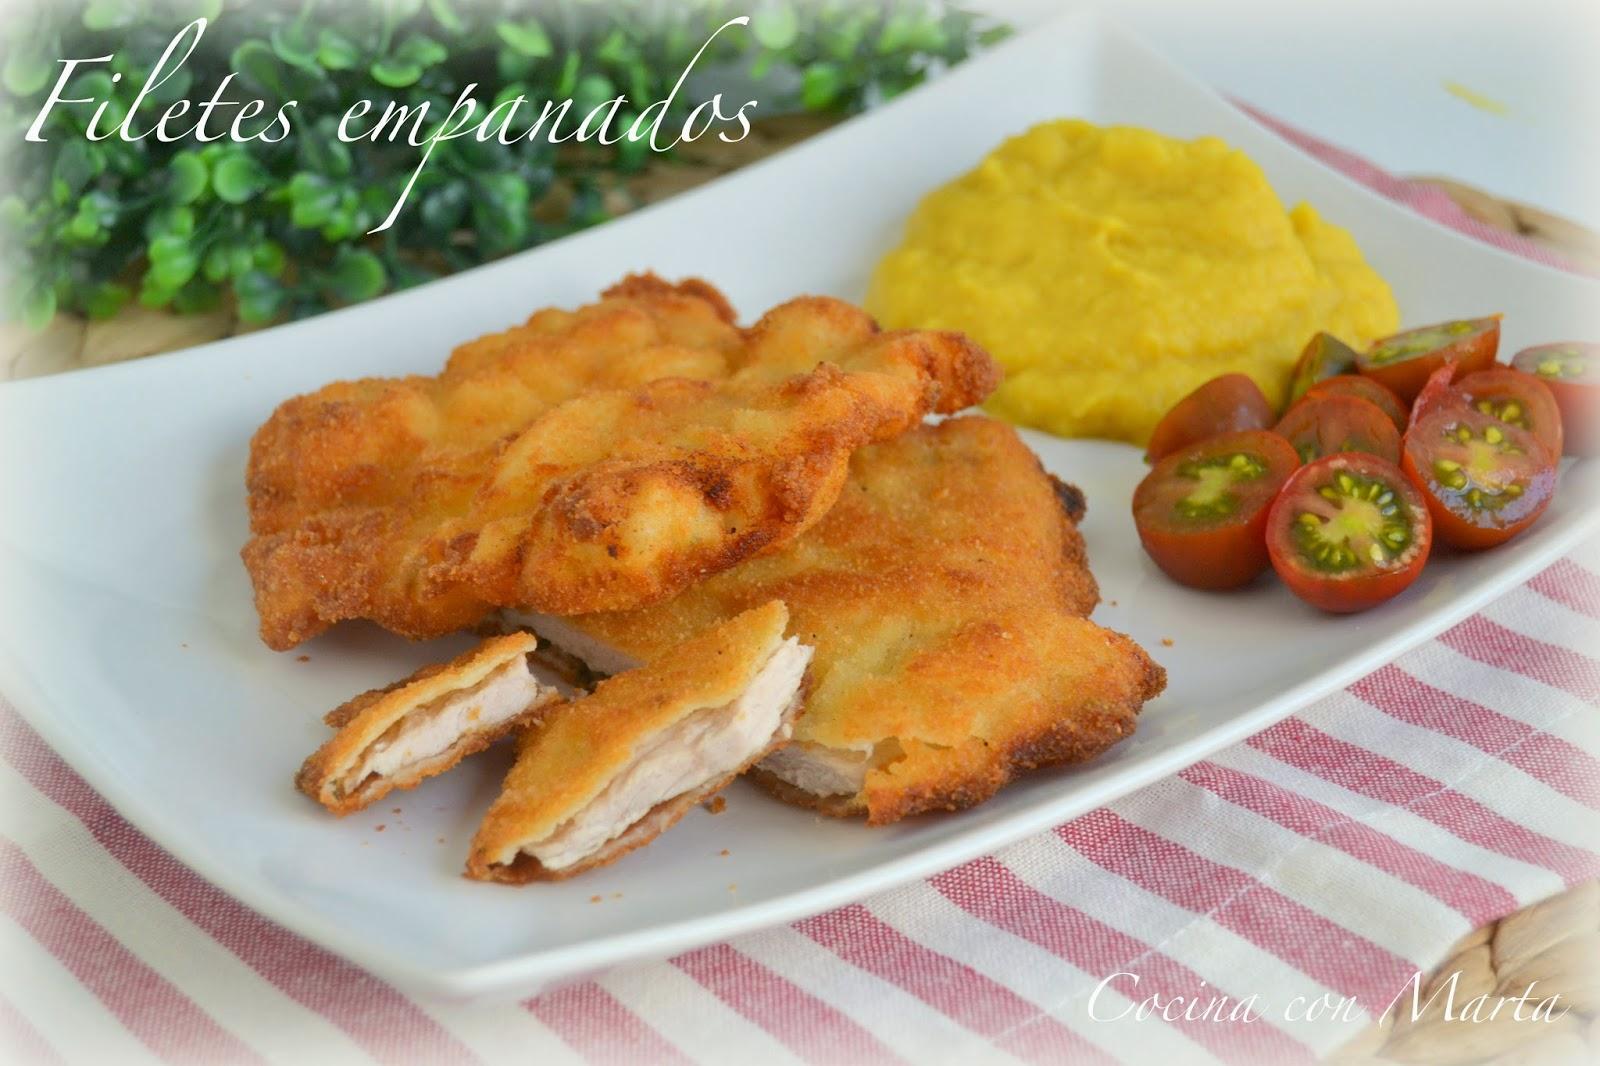 Filetes empanados. Receta fácil, tracicional, casera.